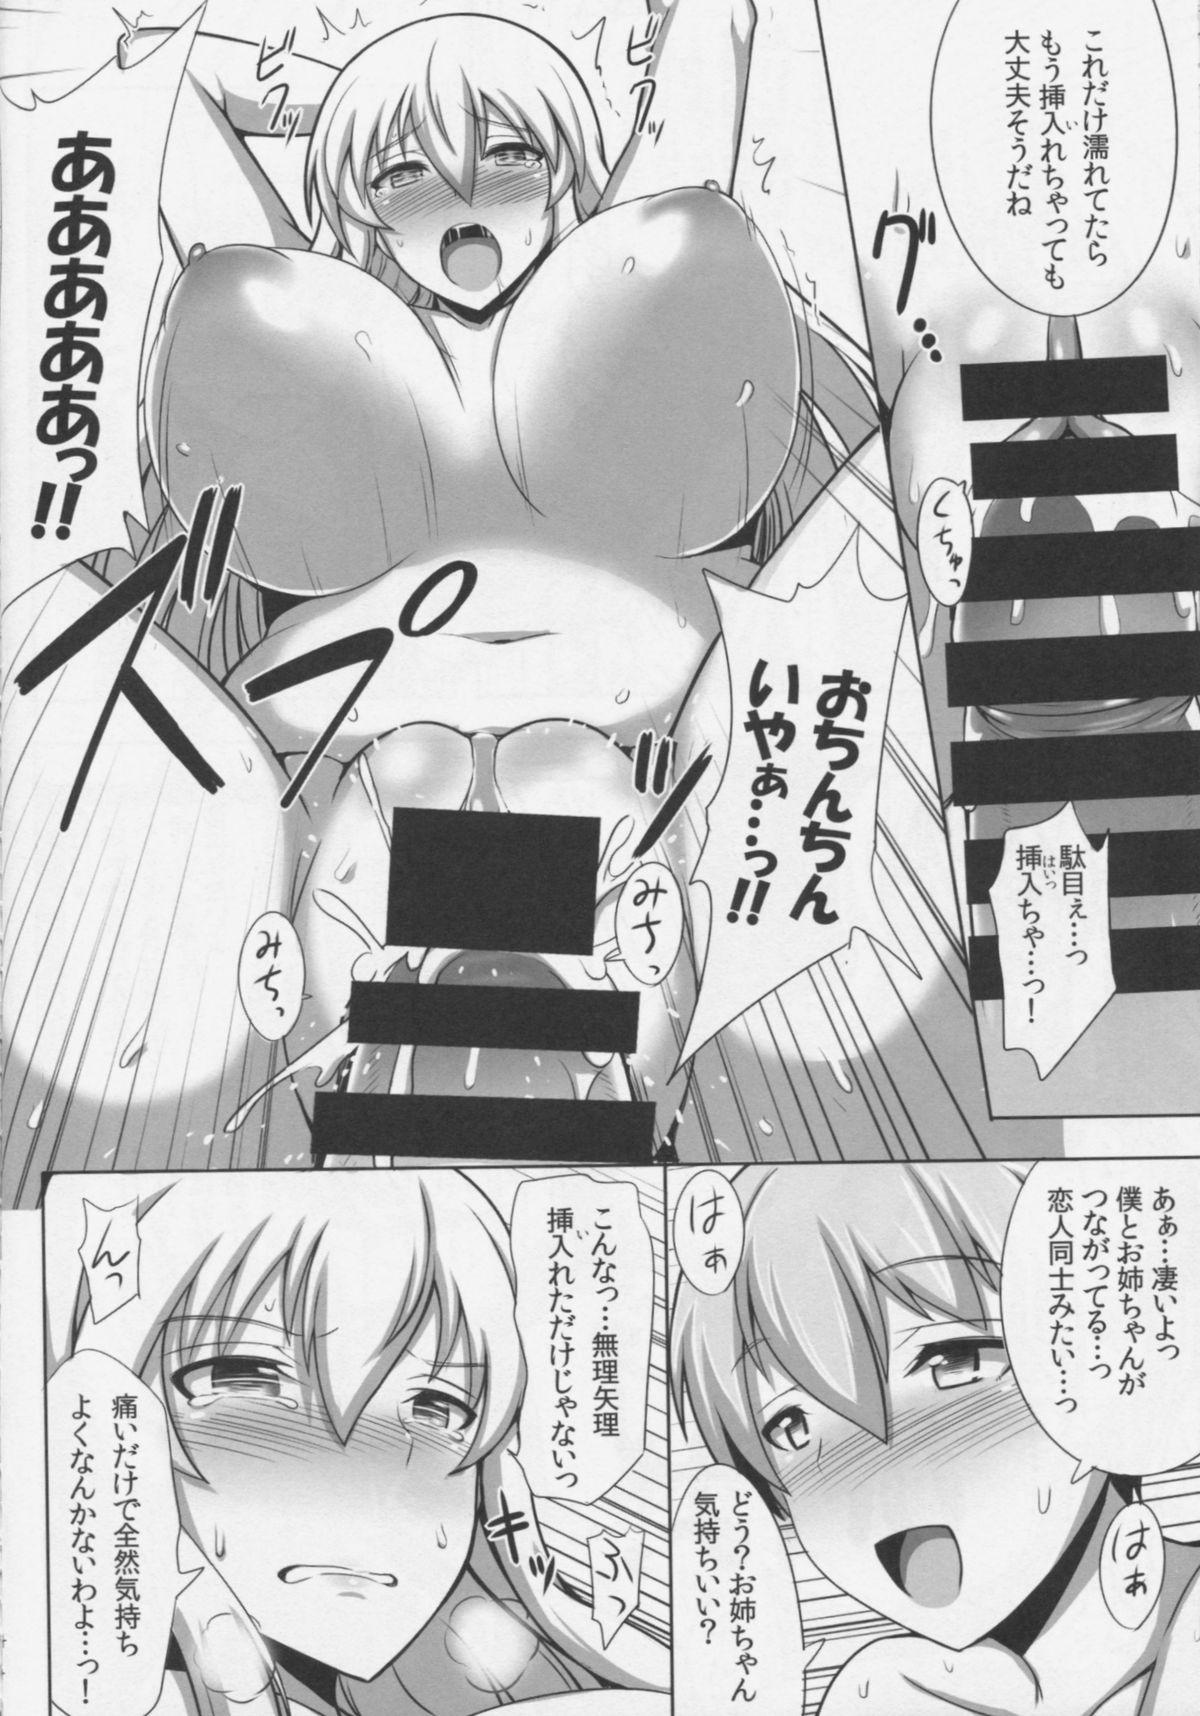 Doitsu Senkan wa Urotaenai 13